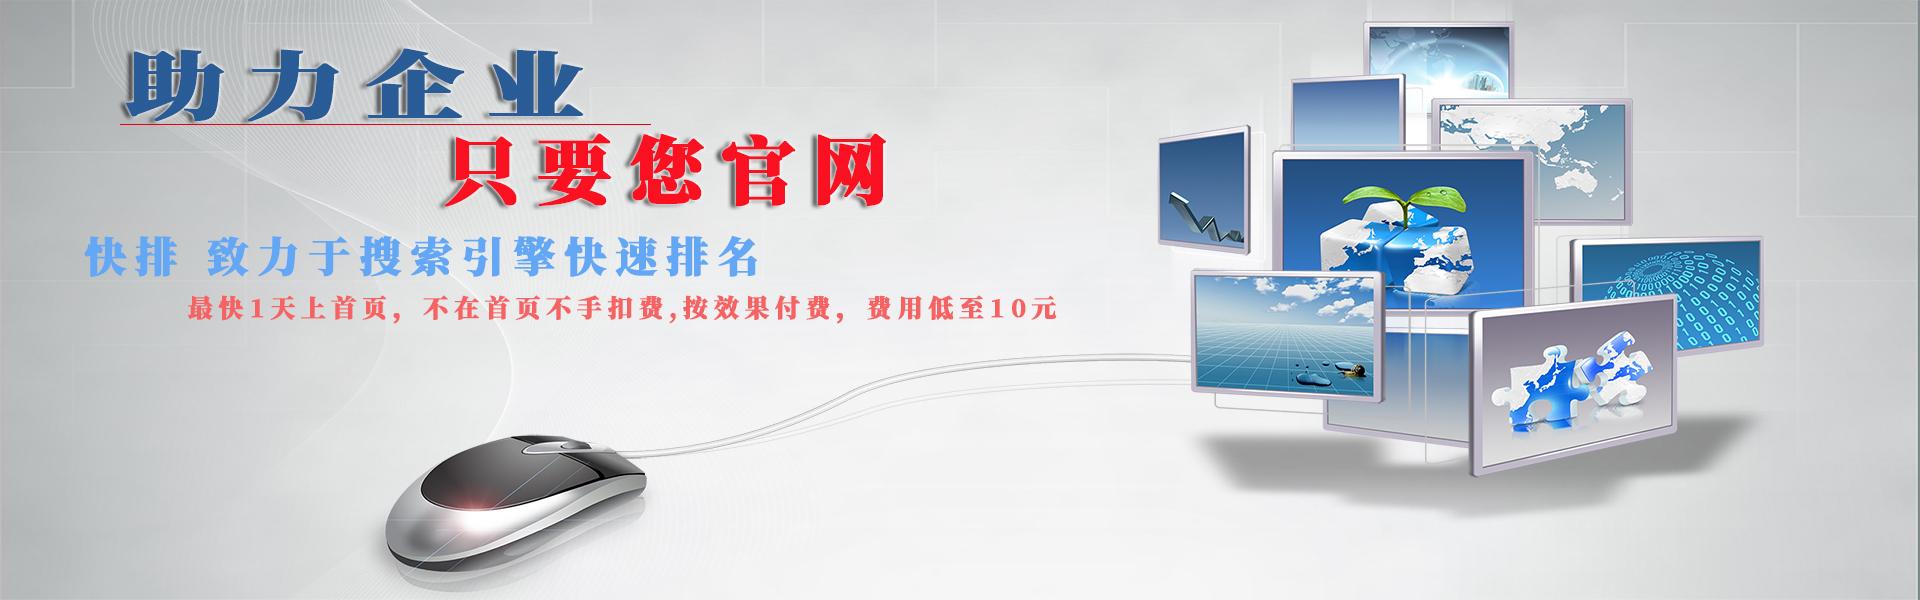 貴州網絡推廣公司